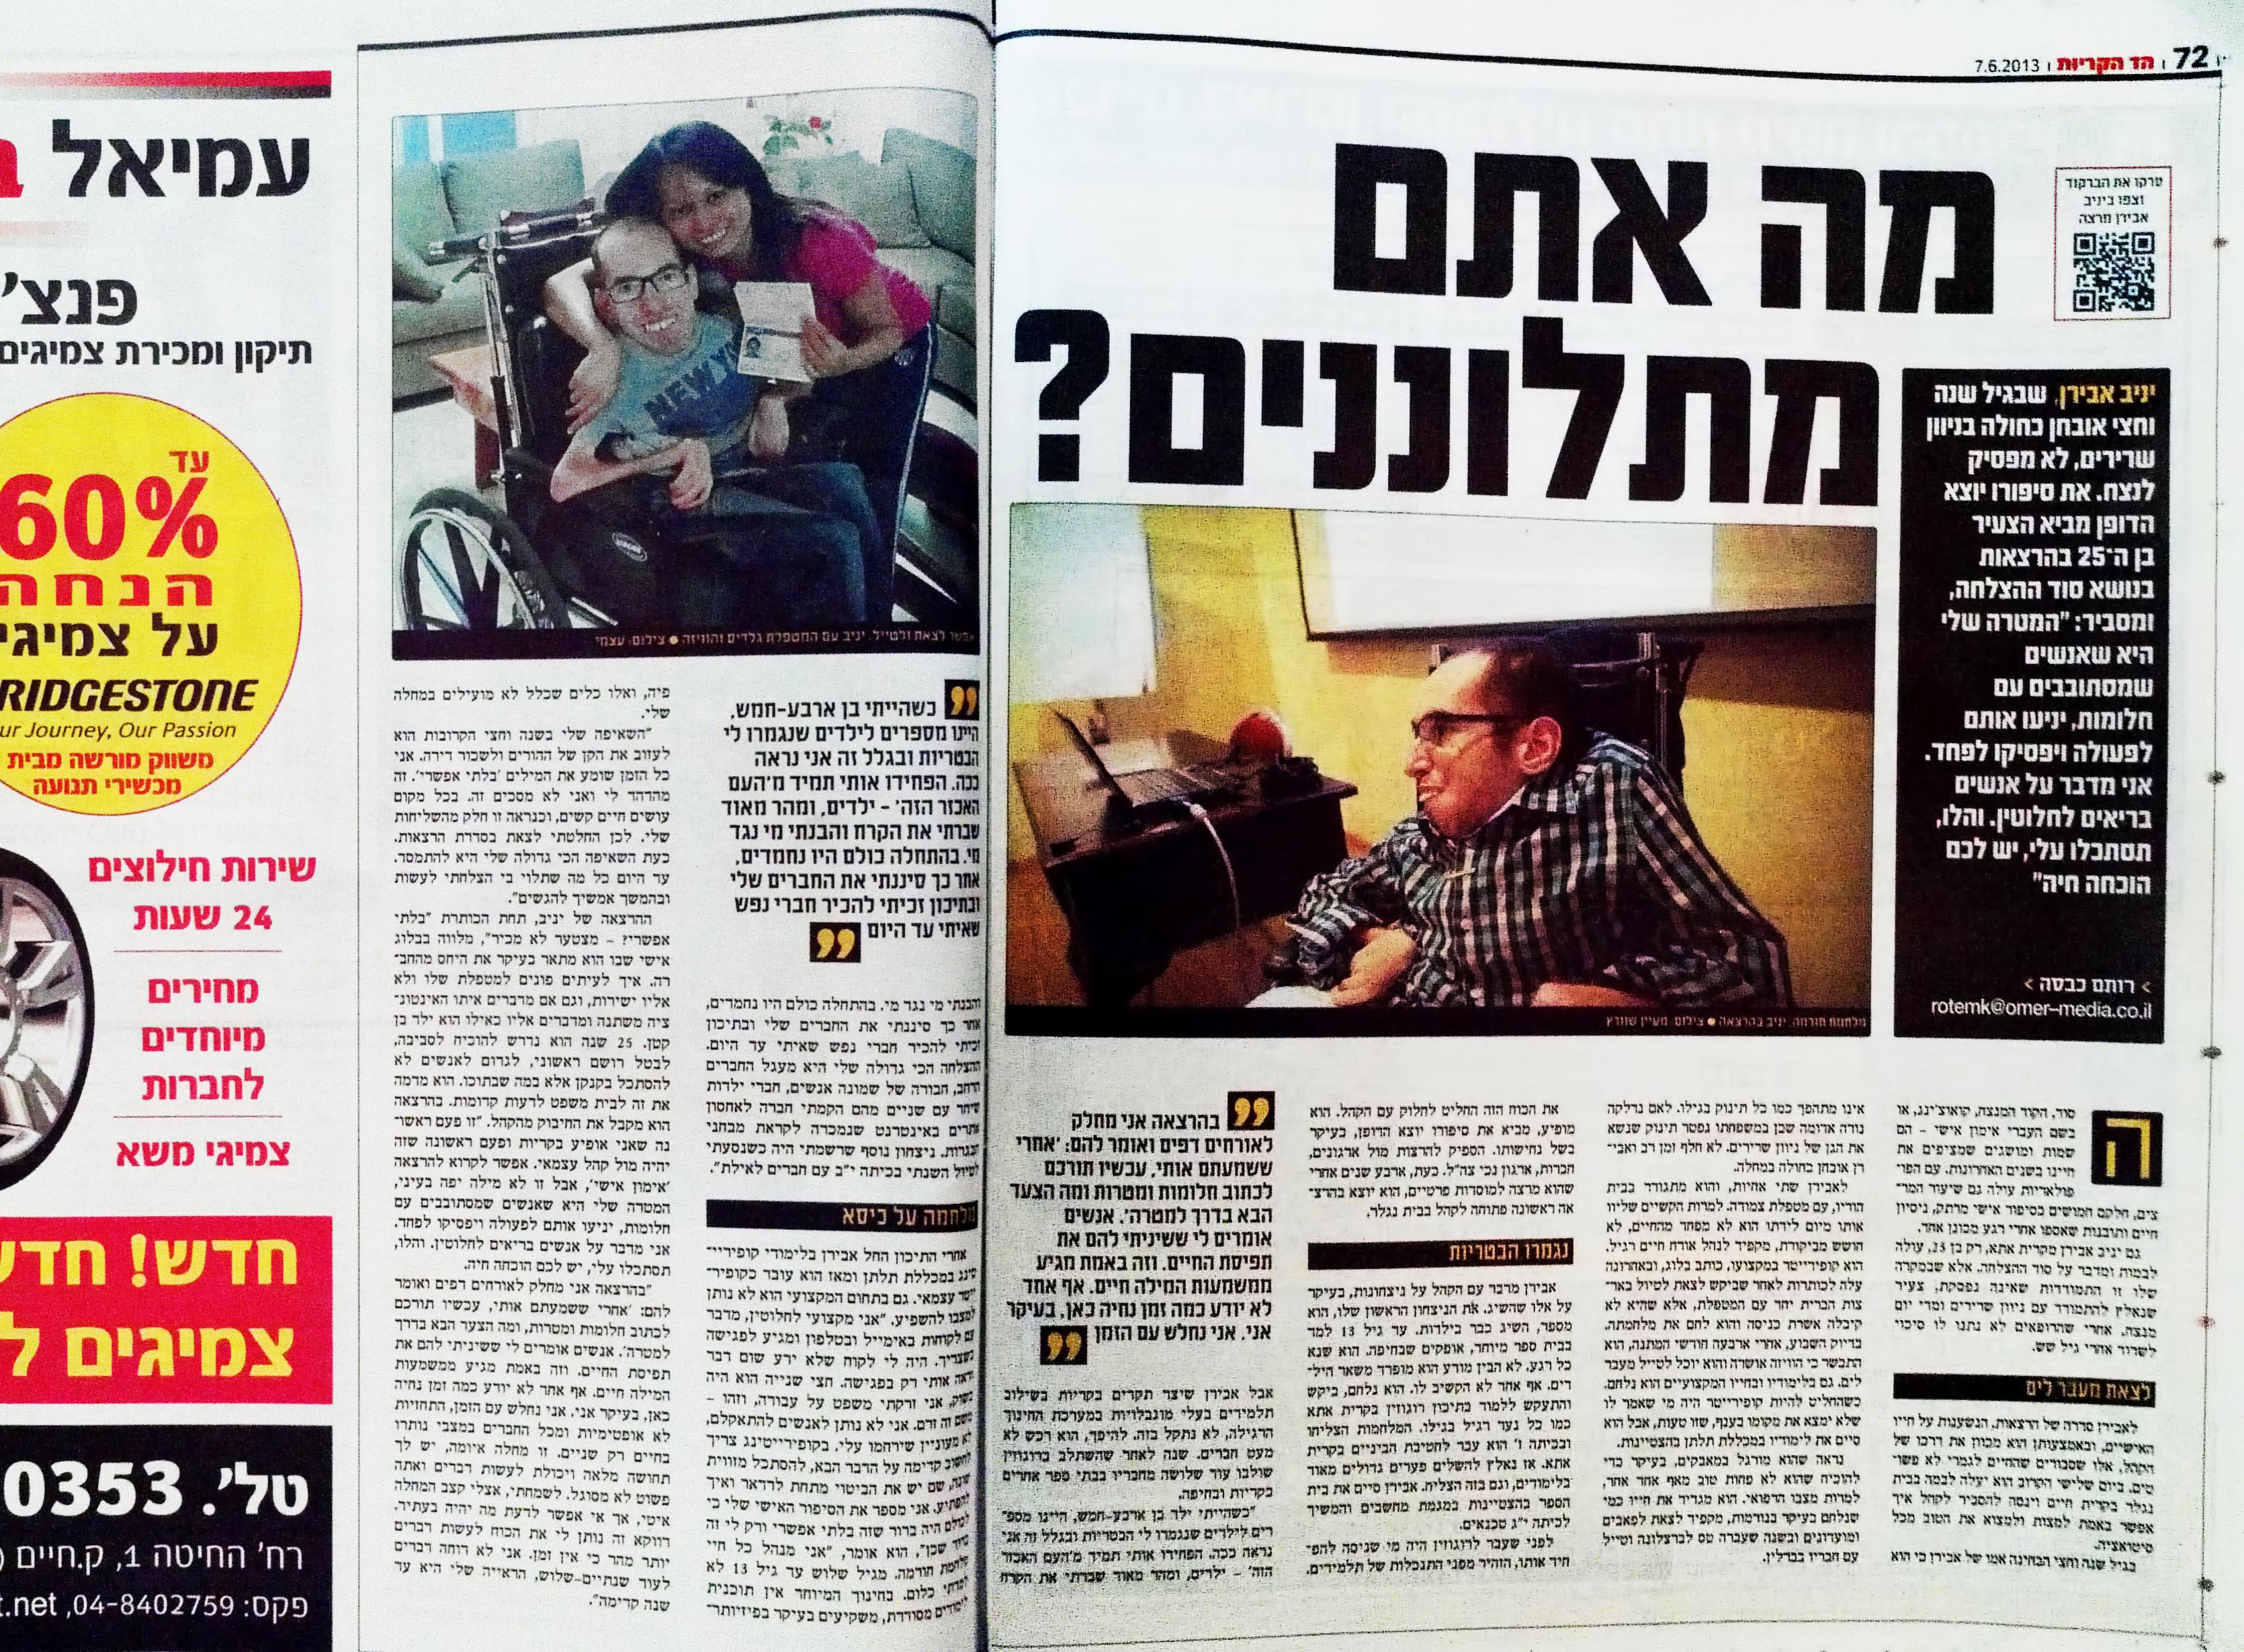 יניב אבירן - כתבה בעיתון